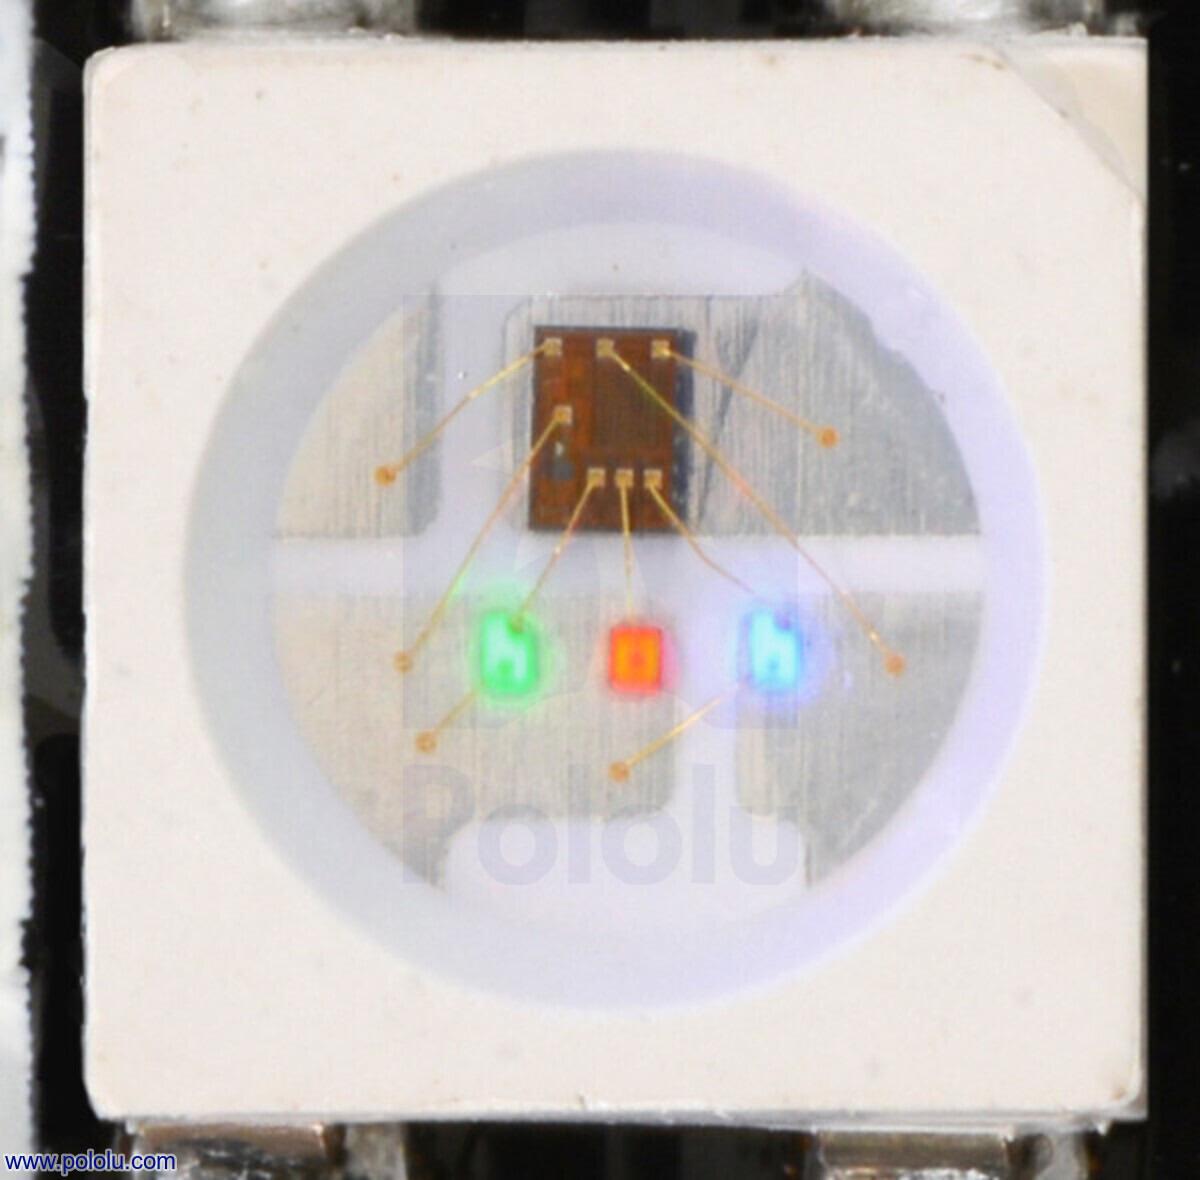 Schema Elettrico Dimmer Per Led : Pololu addressable rgb led strip v m ws b